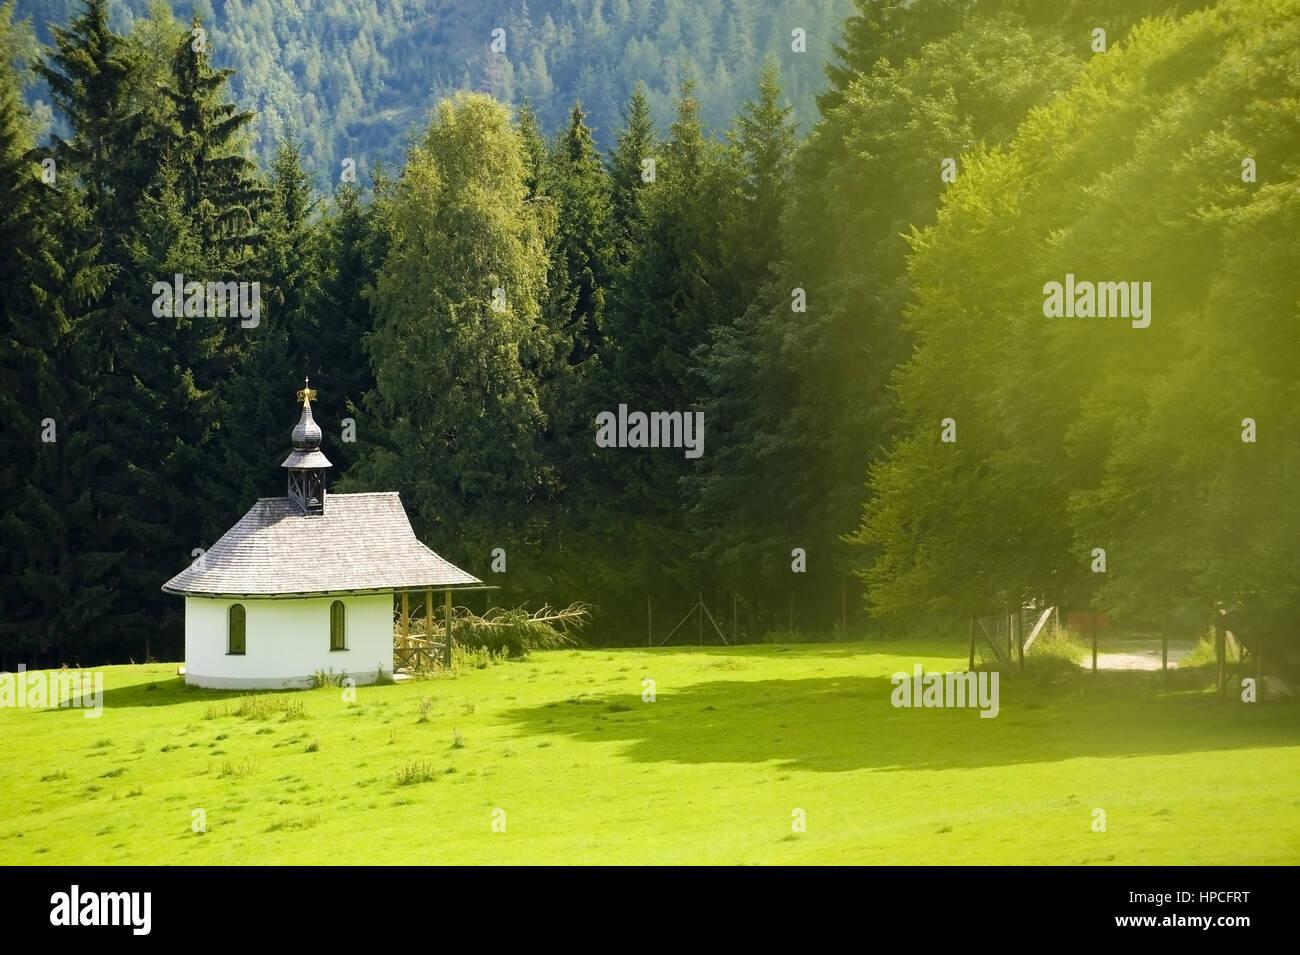 Kapelle am Elfenberg, Mautern, Steiermark, oesterreich - chapel, Elfenberg, Mautern, Styria, Austria Stock Photo